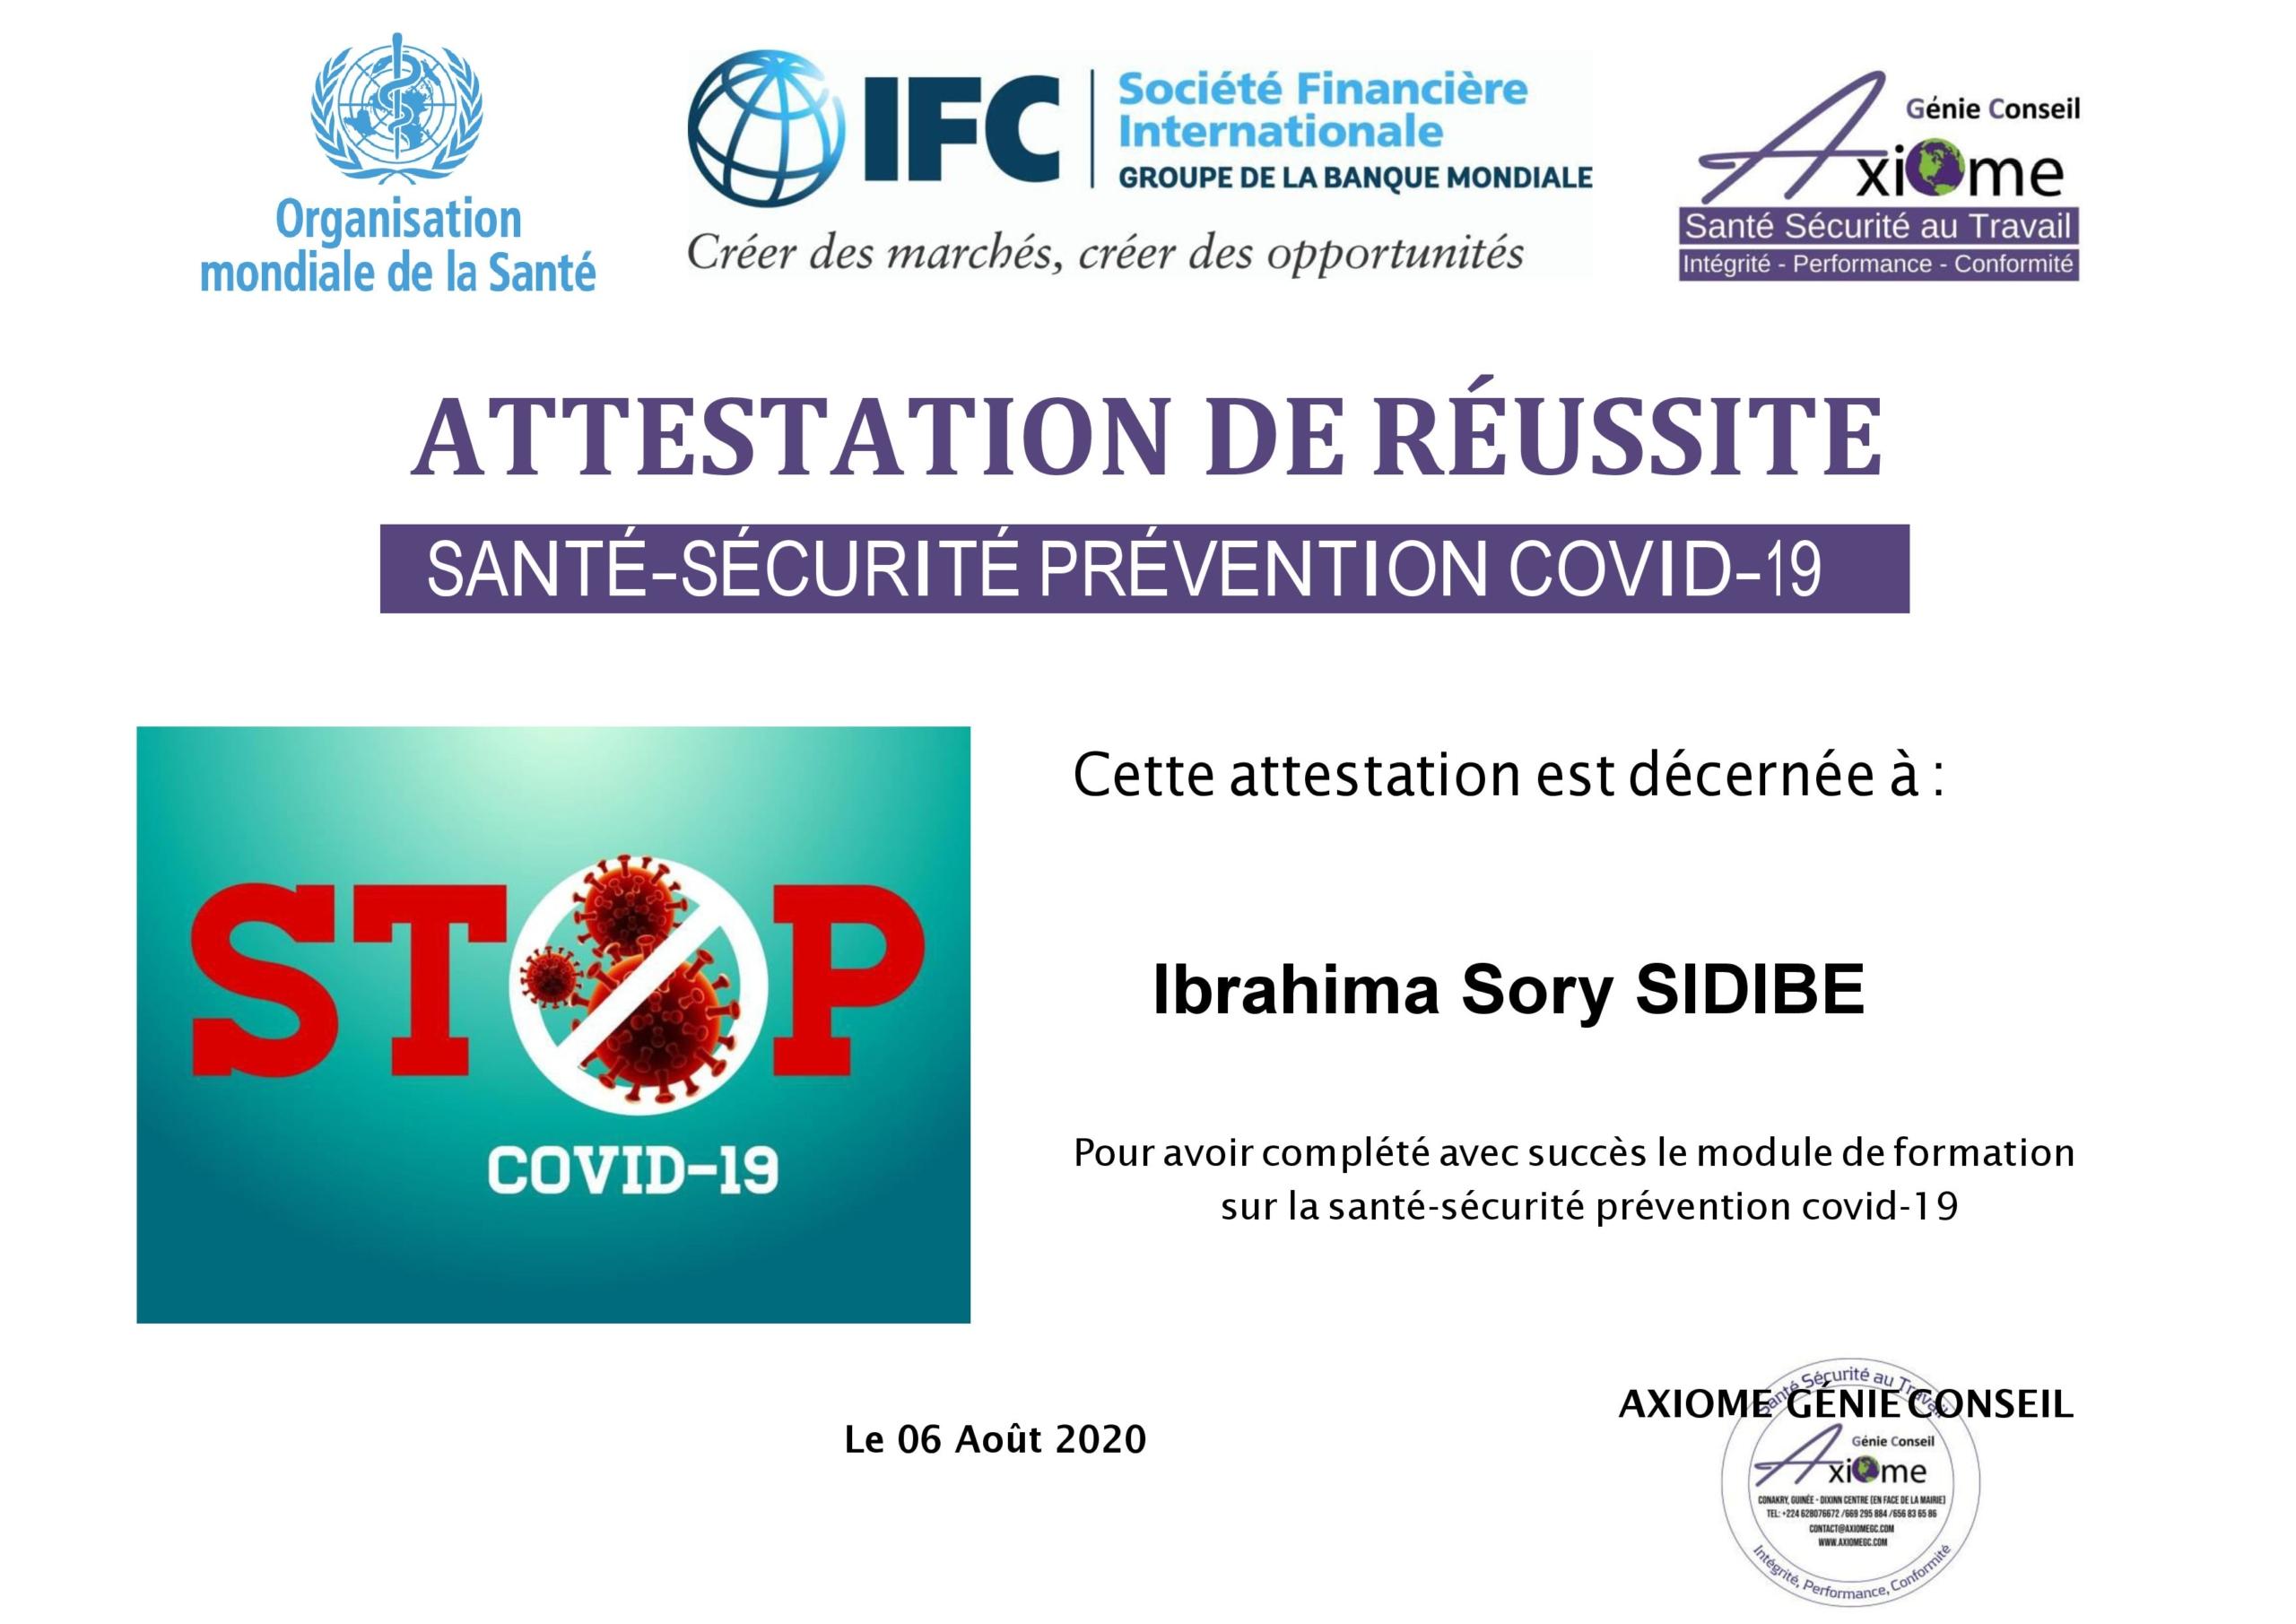 Santé Sécurité Prévention Covid-19